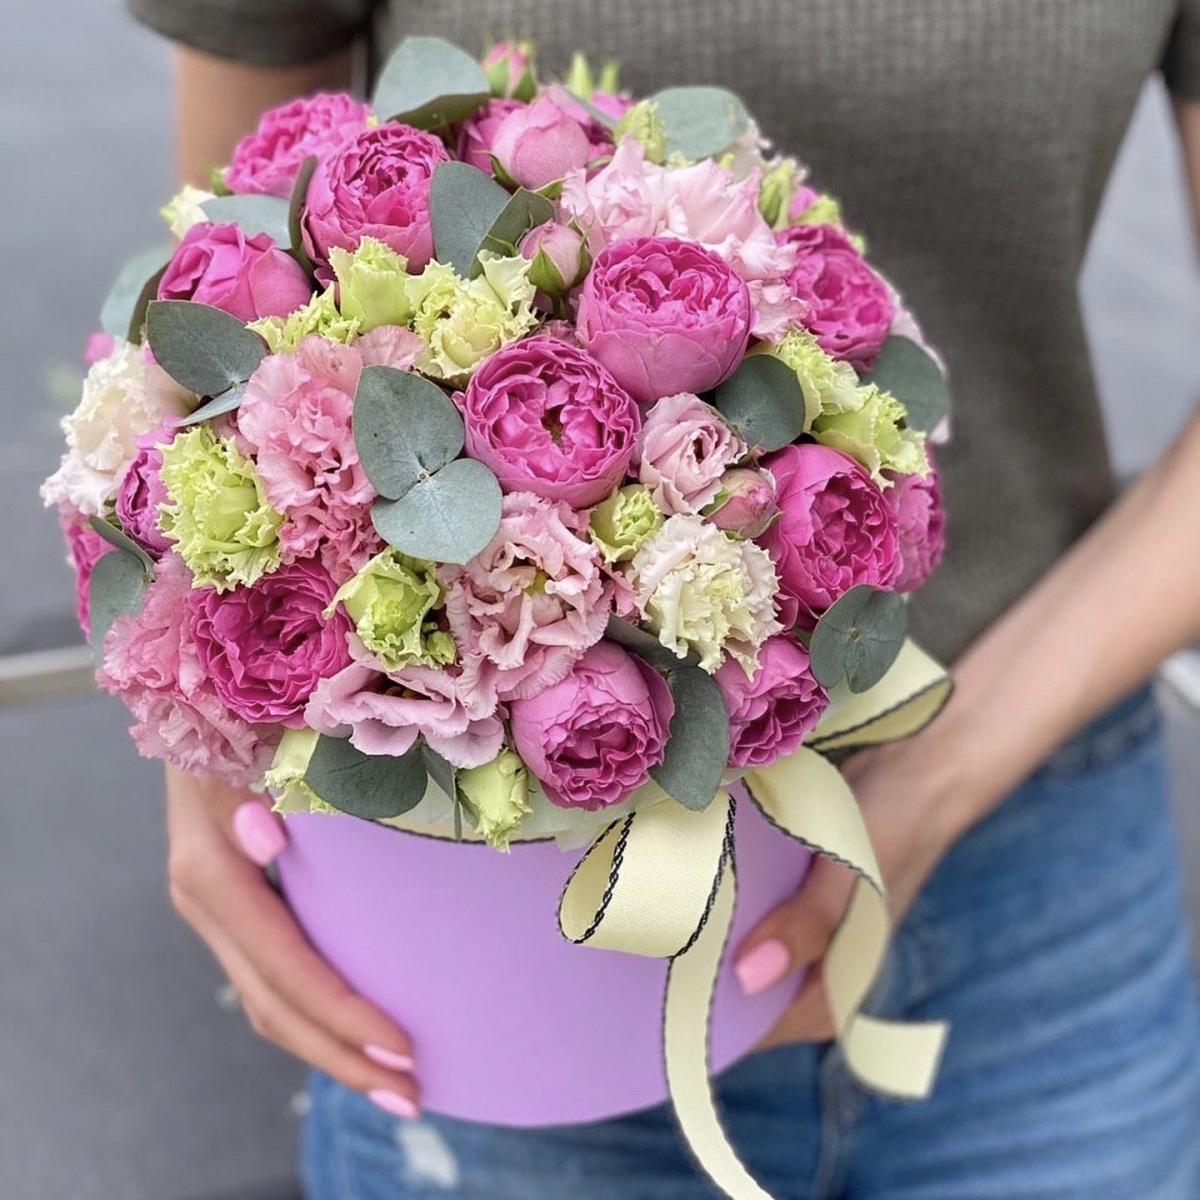 Коробка шляпная из пионовидной кустовой розы и эустомы Пионовое кружево